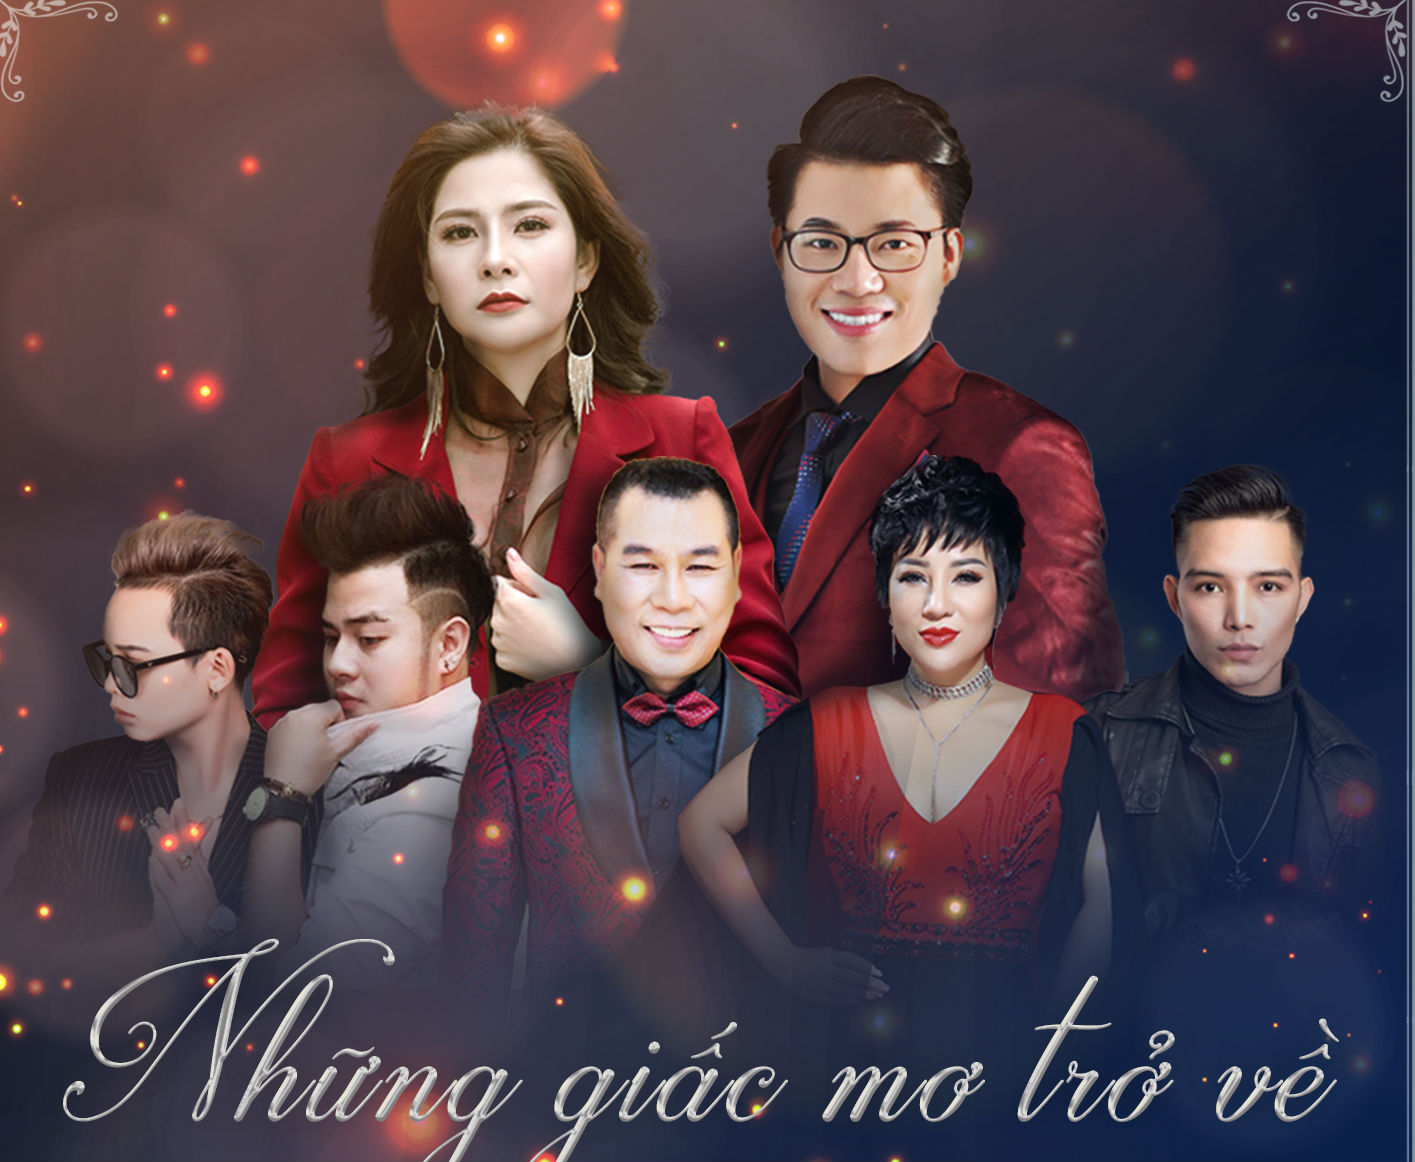 Lưu Kỳ Hương tổ chức liveshow ca nhạc đánh dấu chặng đường 10 năm ca hát-2